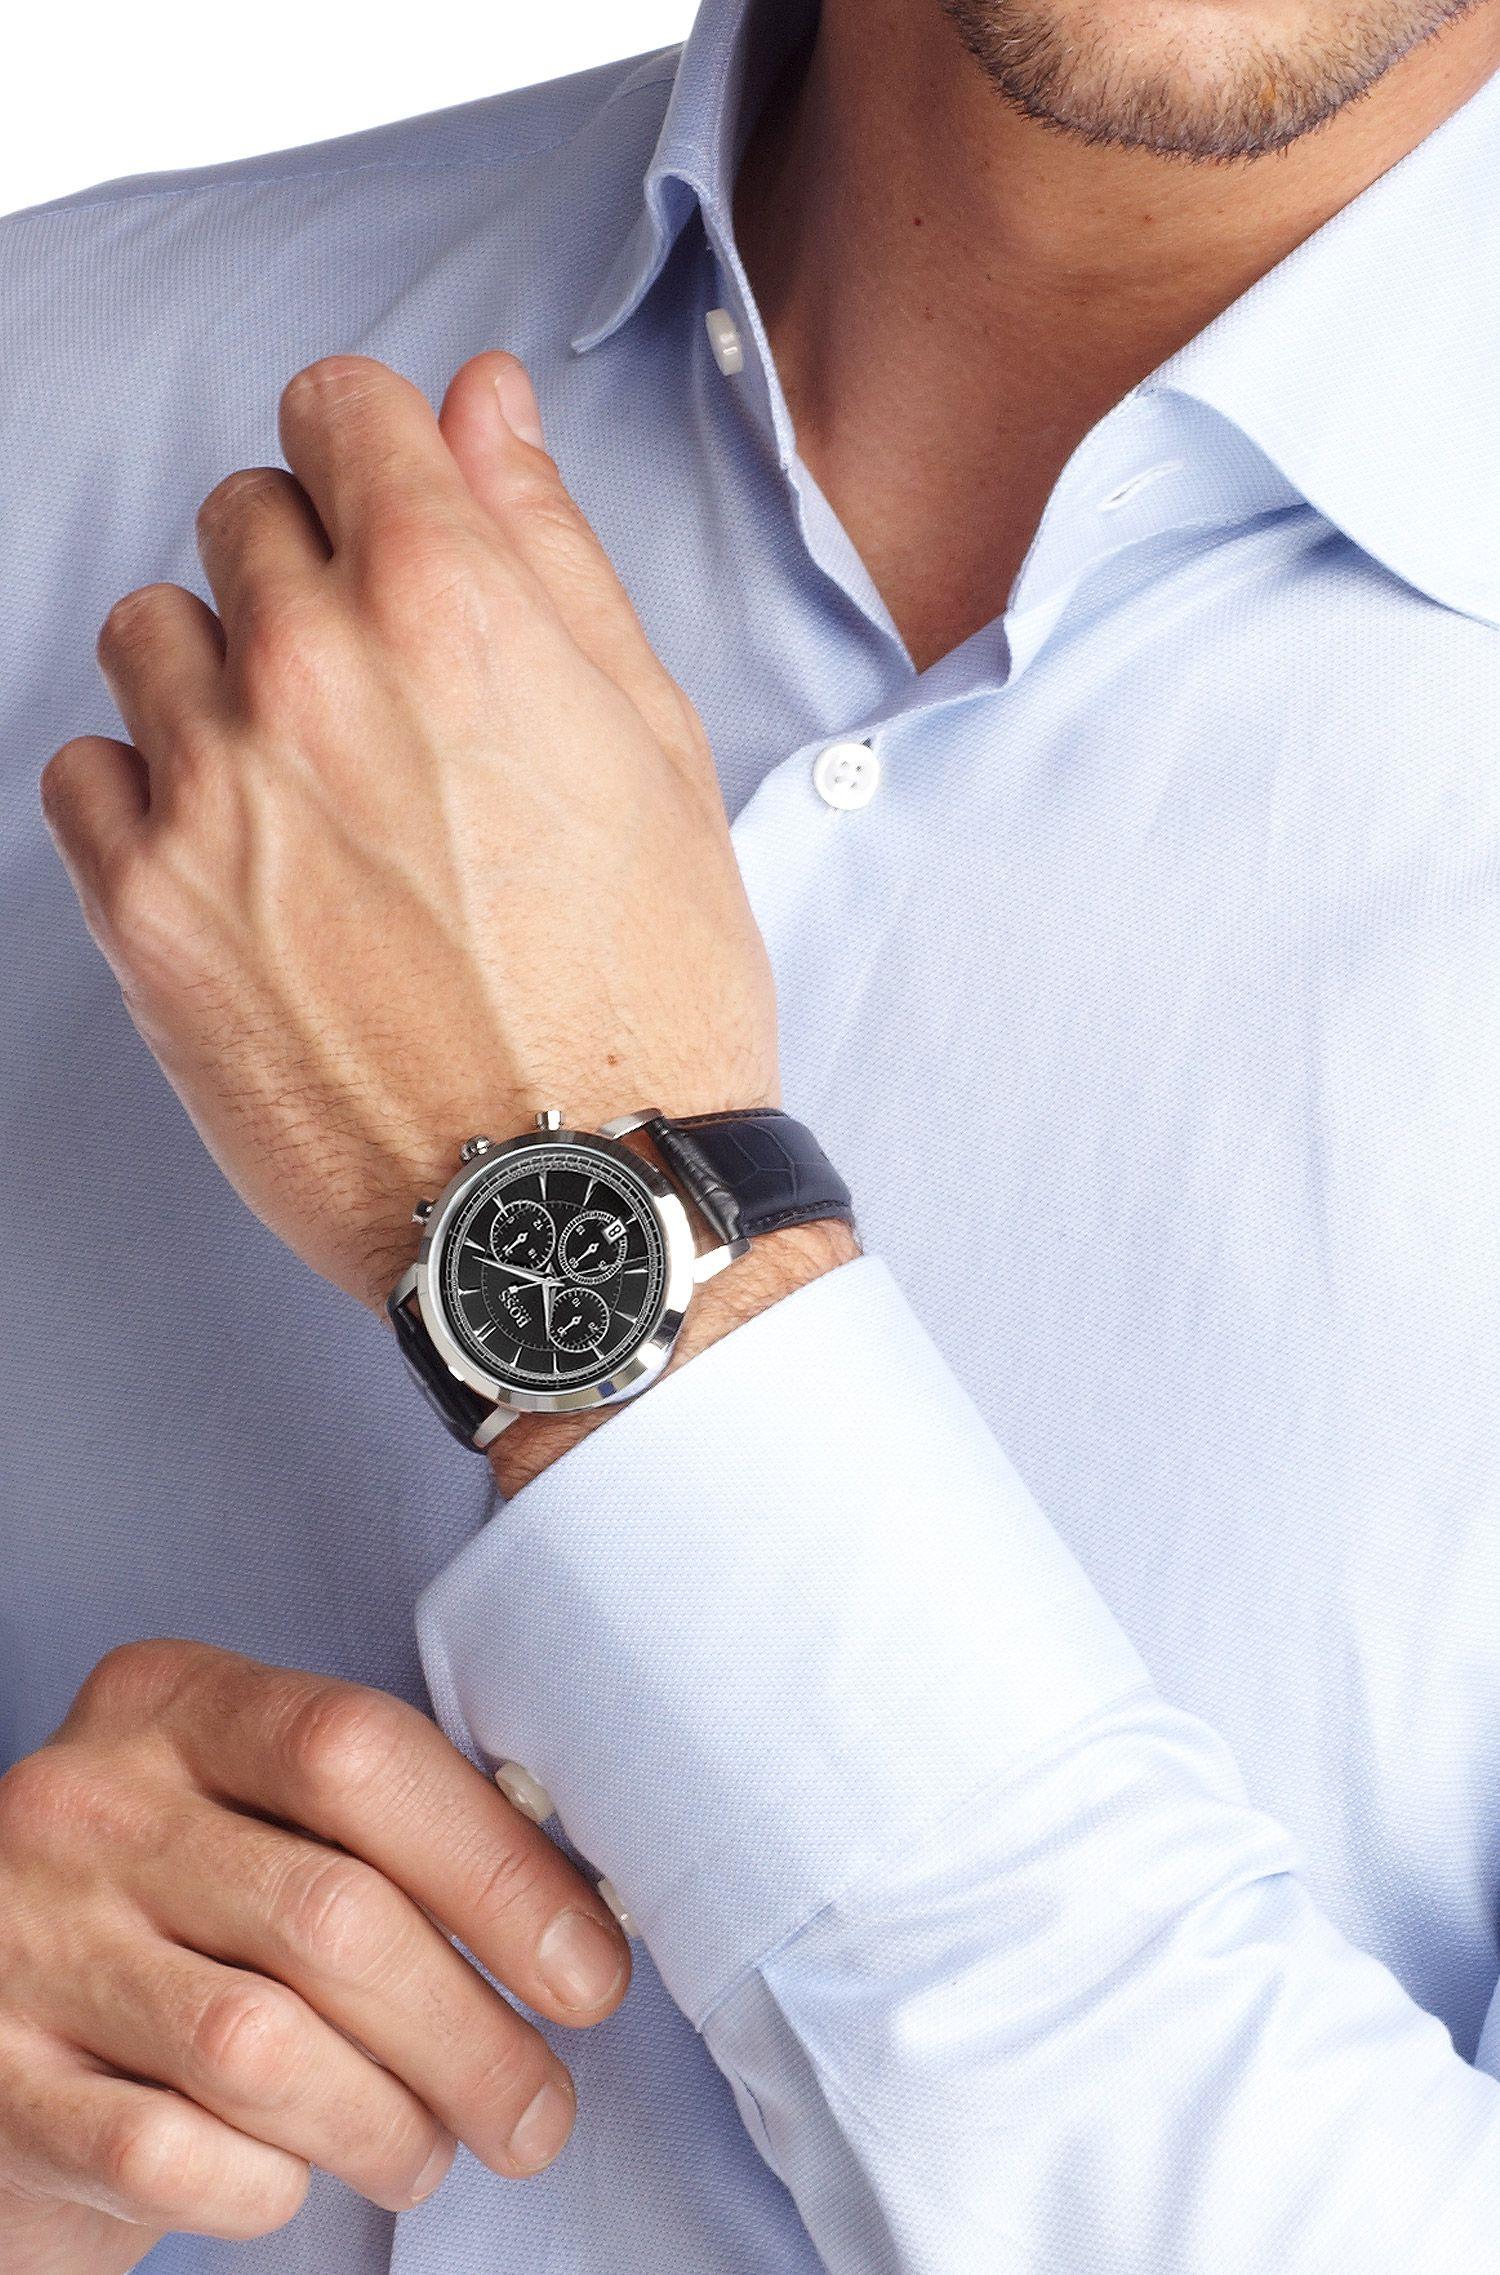 Montre à bracelet en cuir estampillé, HB 1013